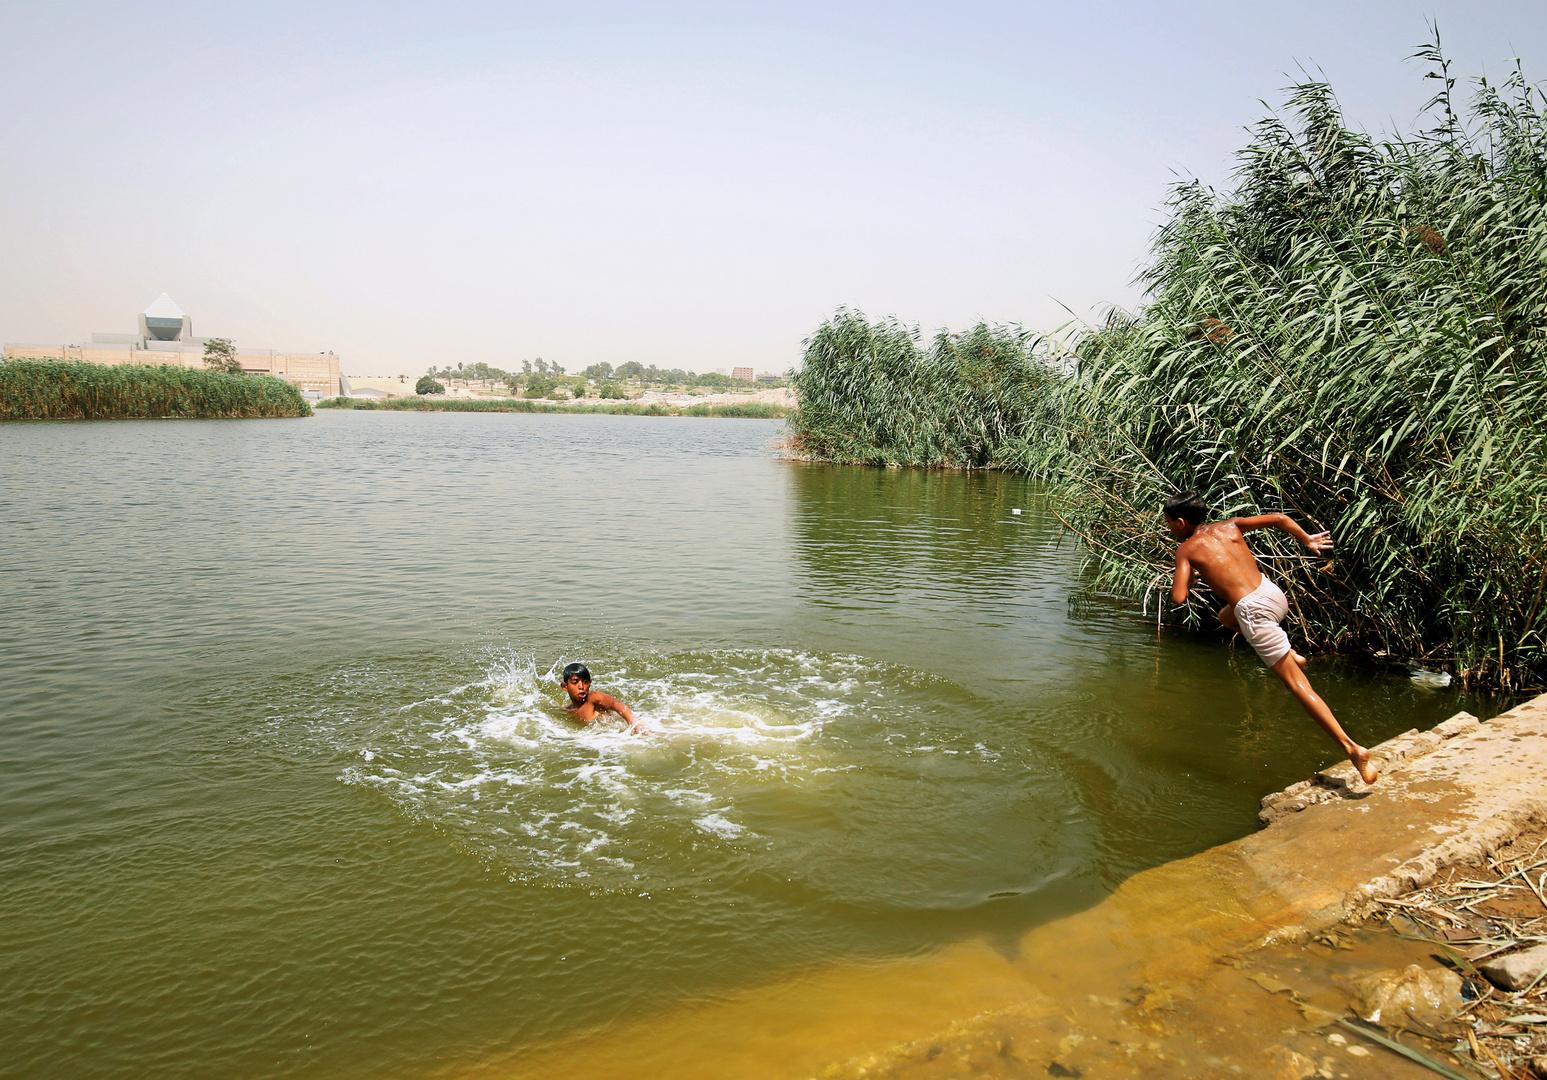 تحذير عاجل من الأرصاد الجوية في مصر بسبب طقس شديد الحرارة